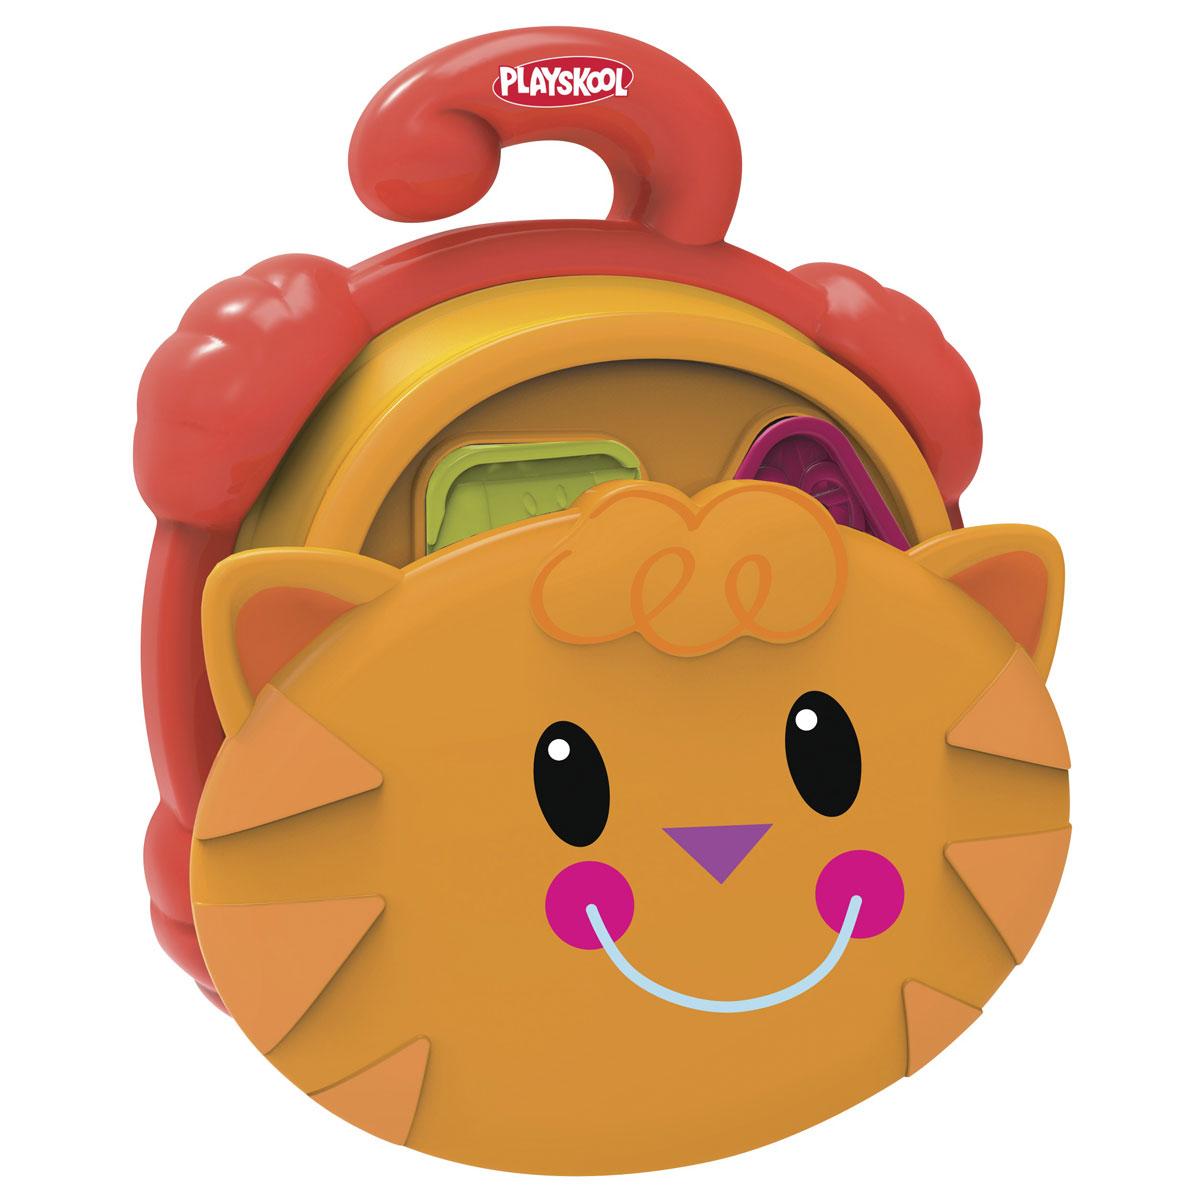 Playskool Развивающая игрушка-сортер Pop-Up Shape Sorter playskool веселый щенок возьми с собой